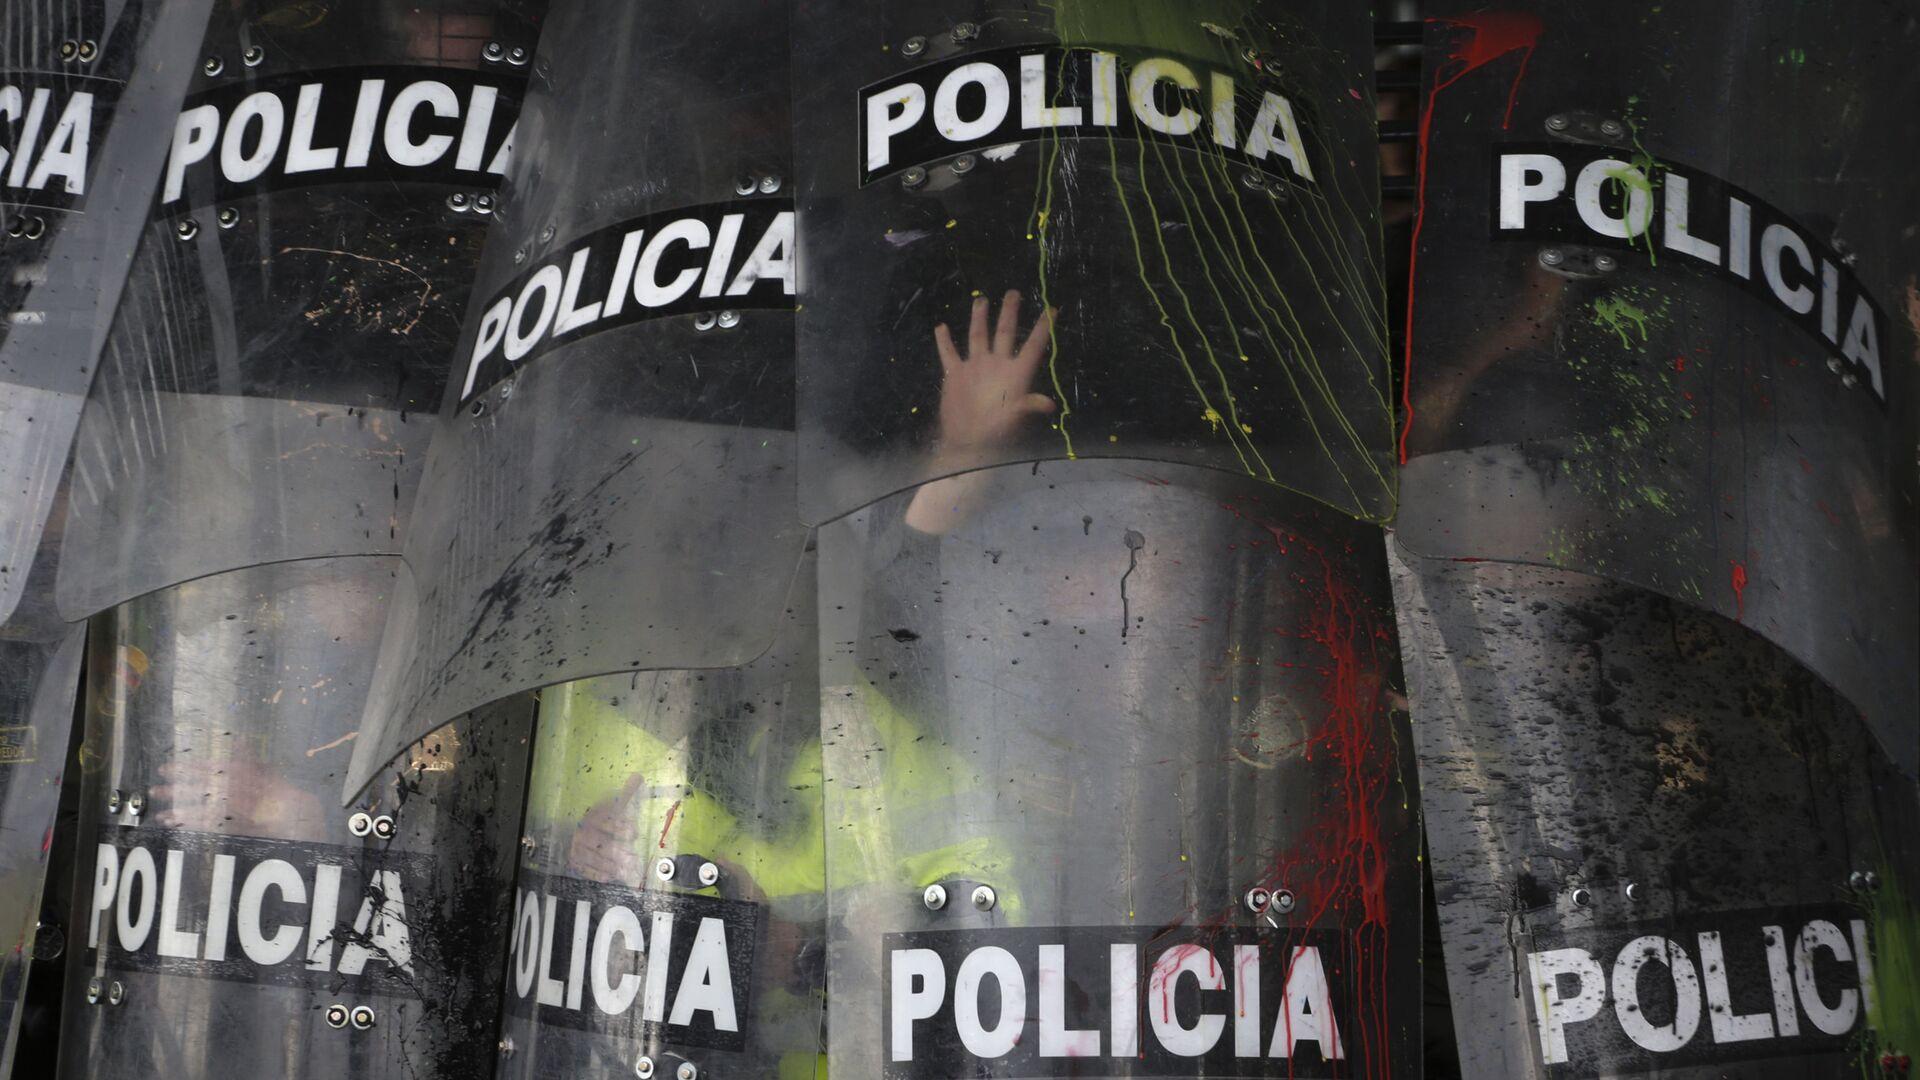 Escudos de la Policía durante una manifestación estudiantil en Bogotá, Colombia, en octubre de 2019 - Sputnik Mundo, 1920, 29.03.2021